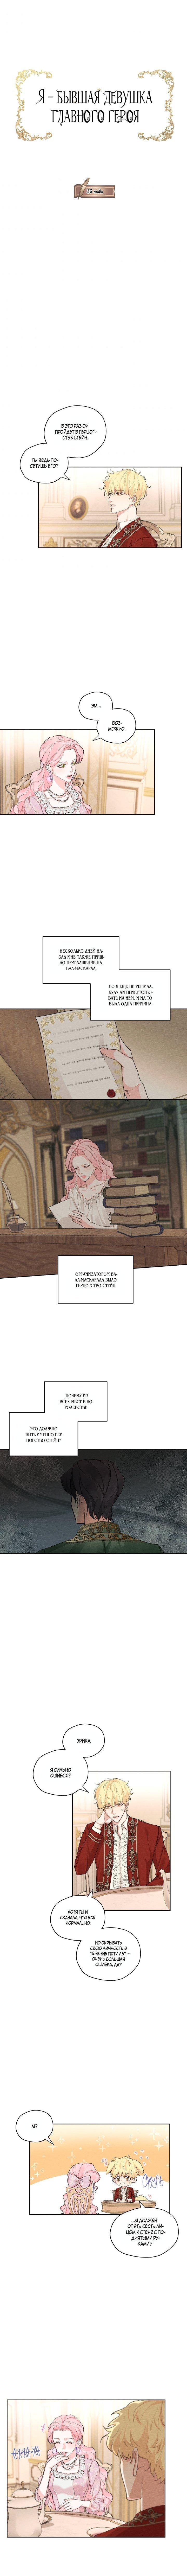 Манга Я бывшая девушка главного героя - Глава 16 Страница 1